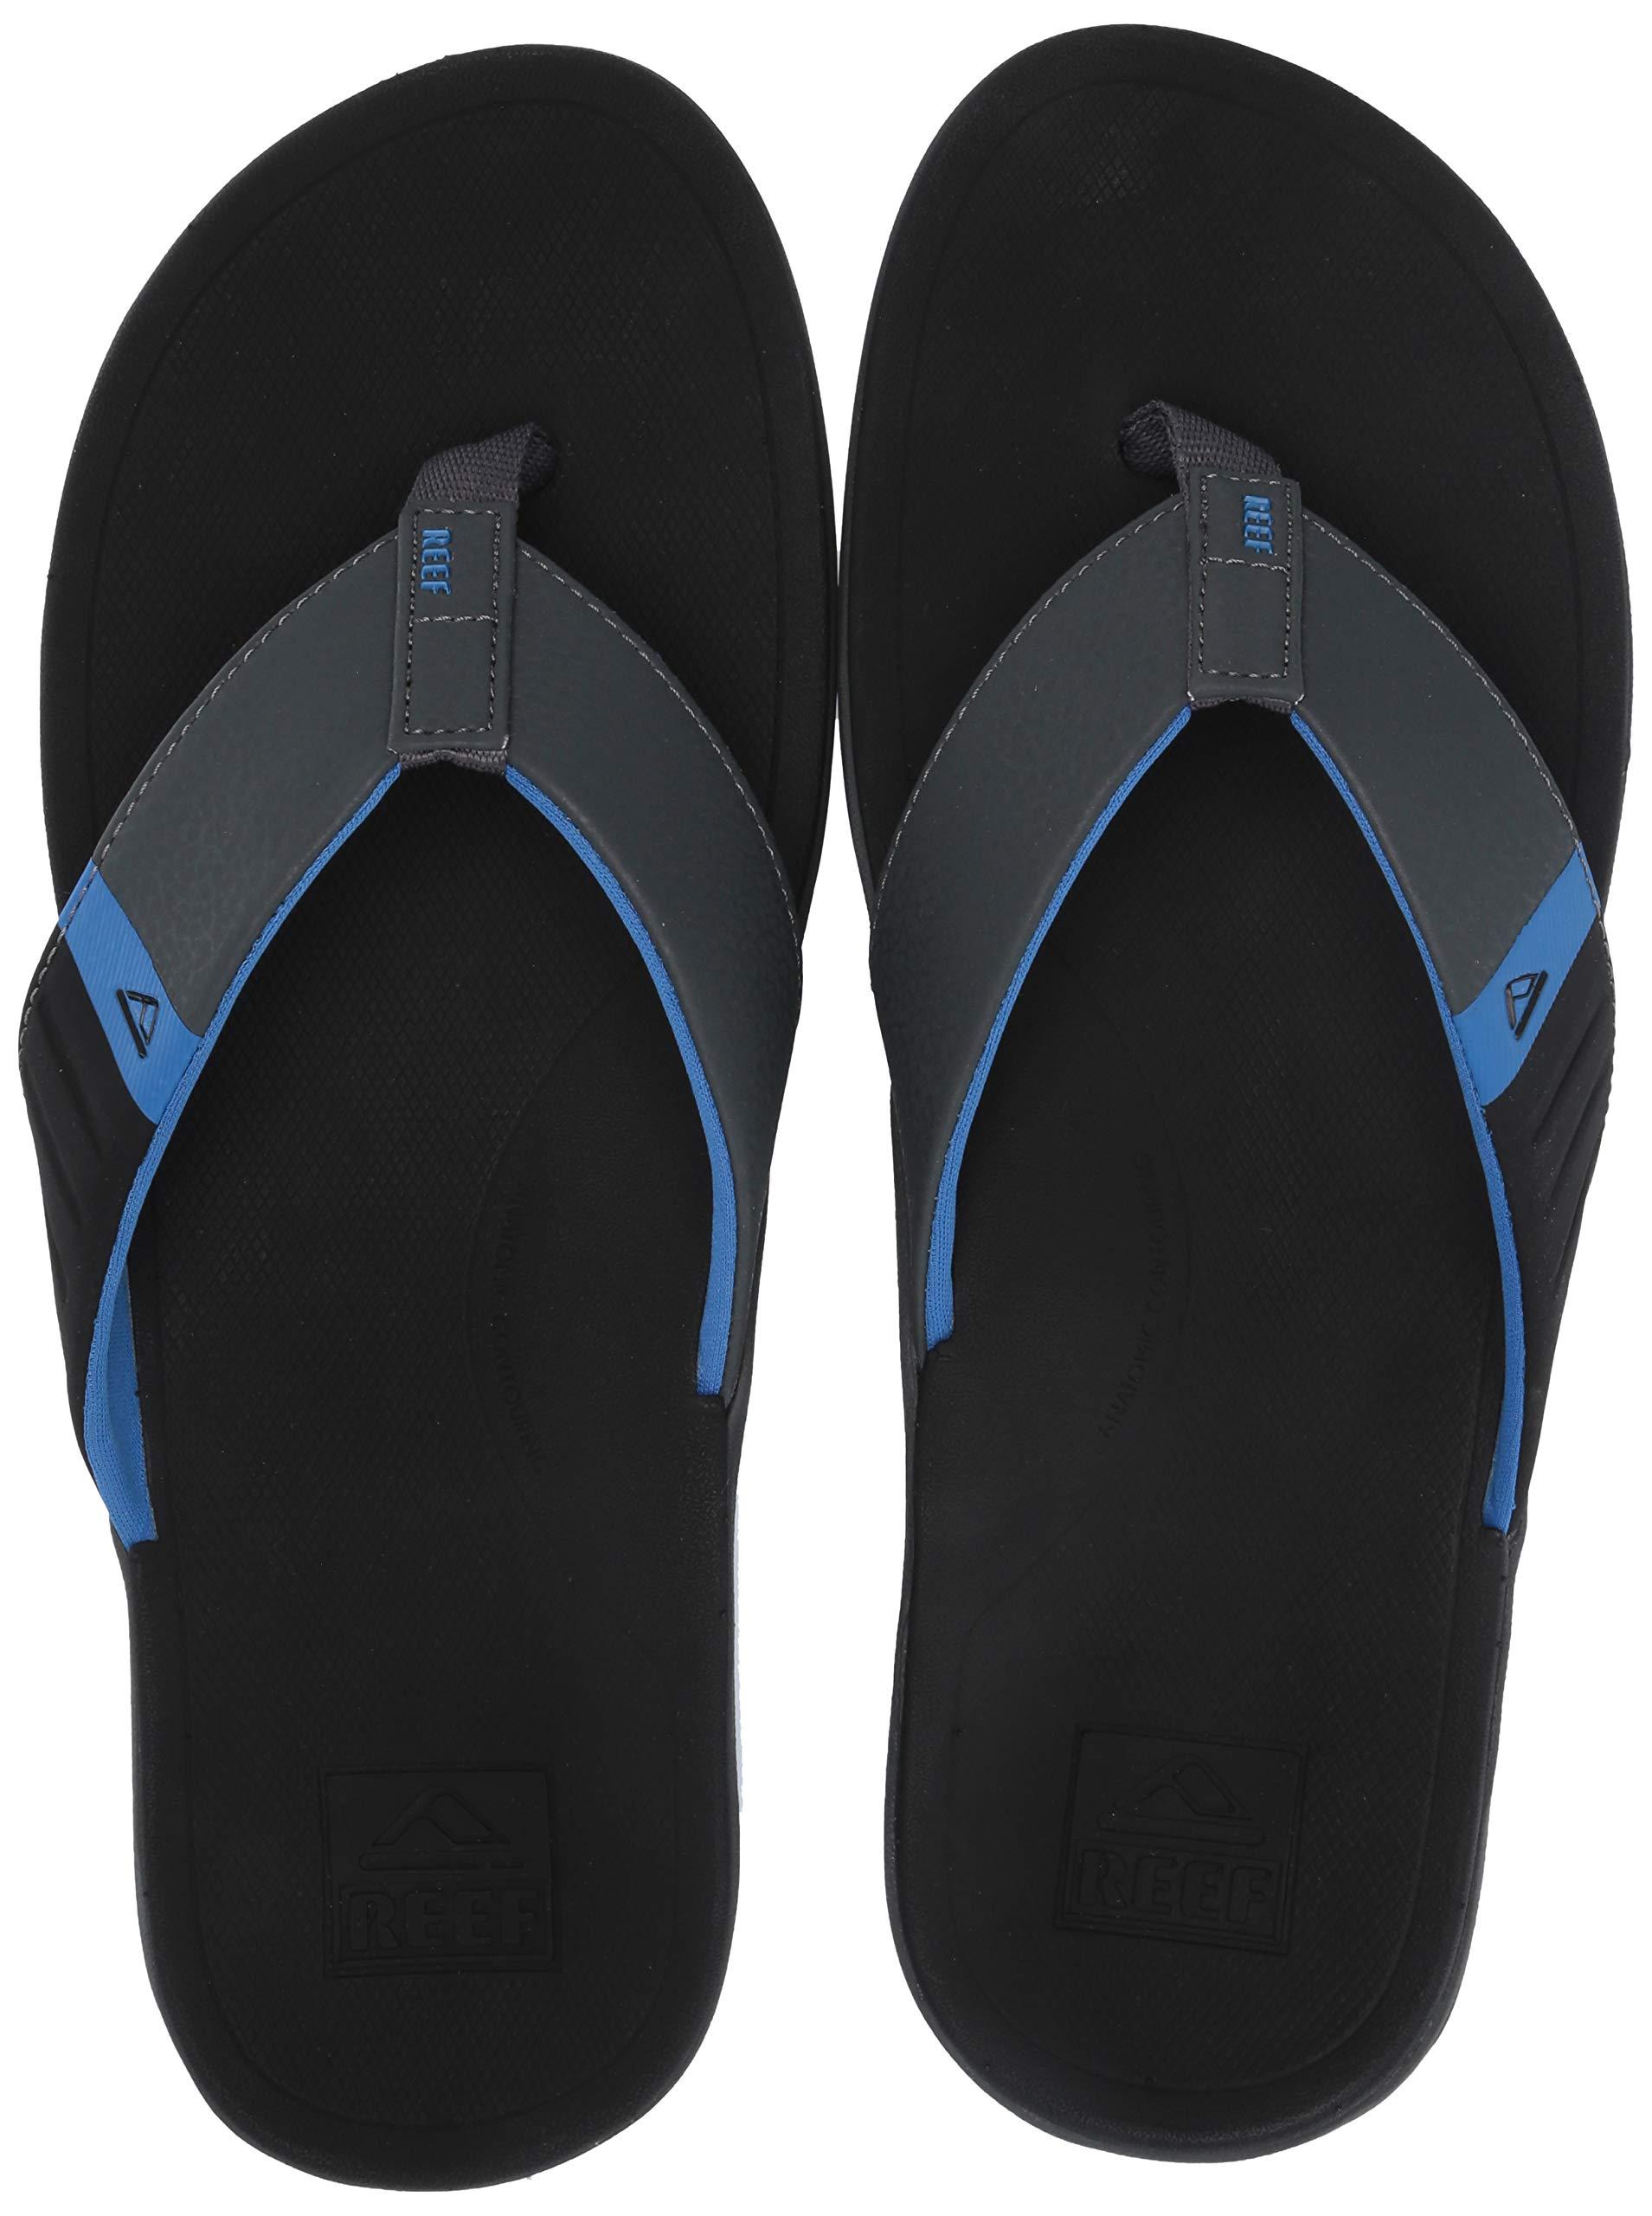 Reef Men's Ortho-Bounce Sport Sandal, Black/Blue, 110 M US